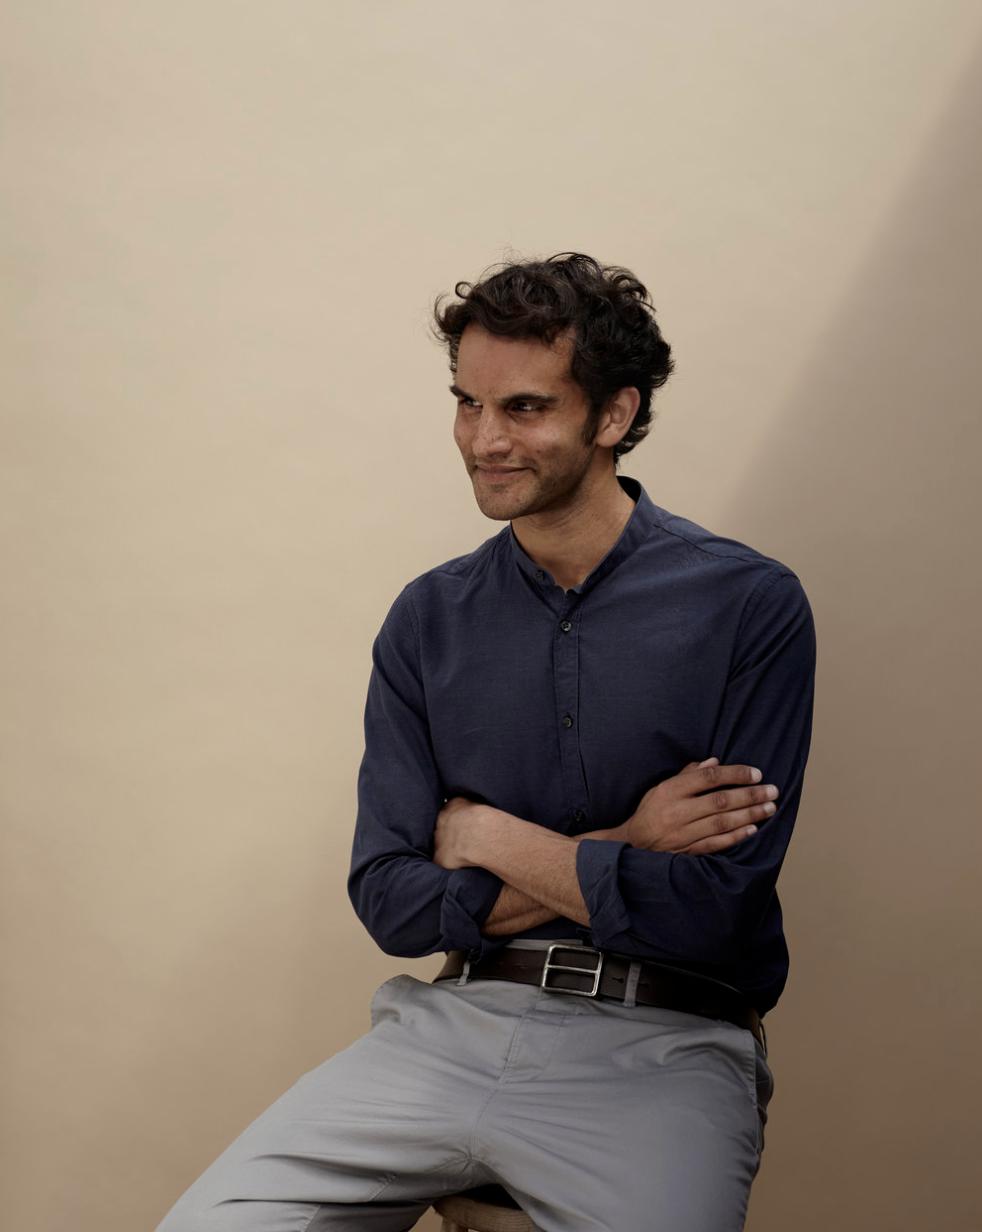 Adrián Shankar-Filho - Producer / Director